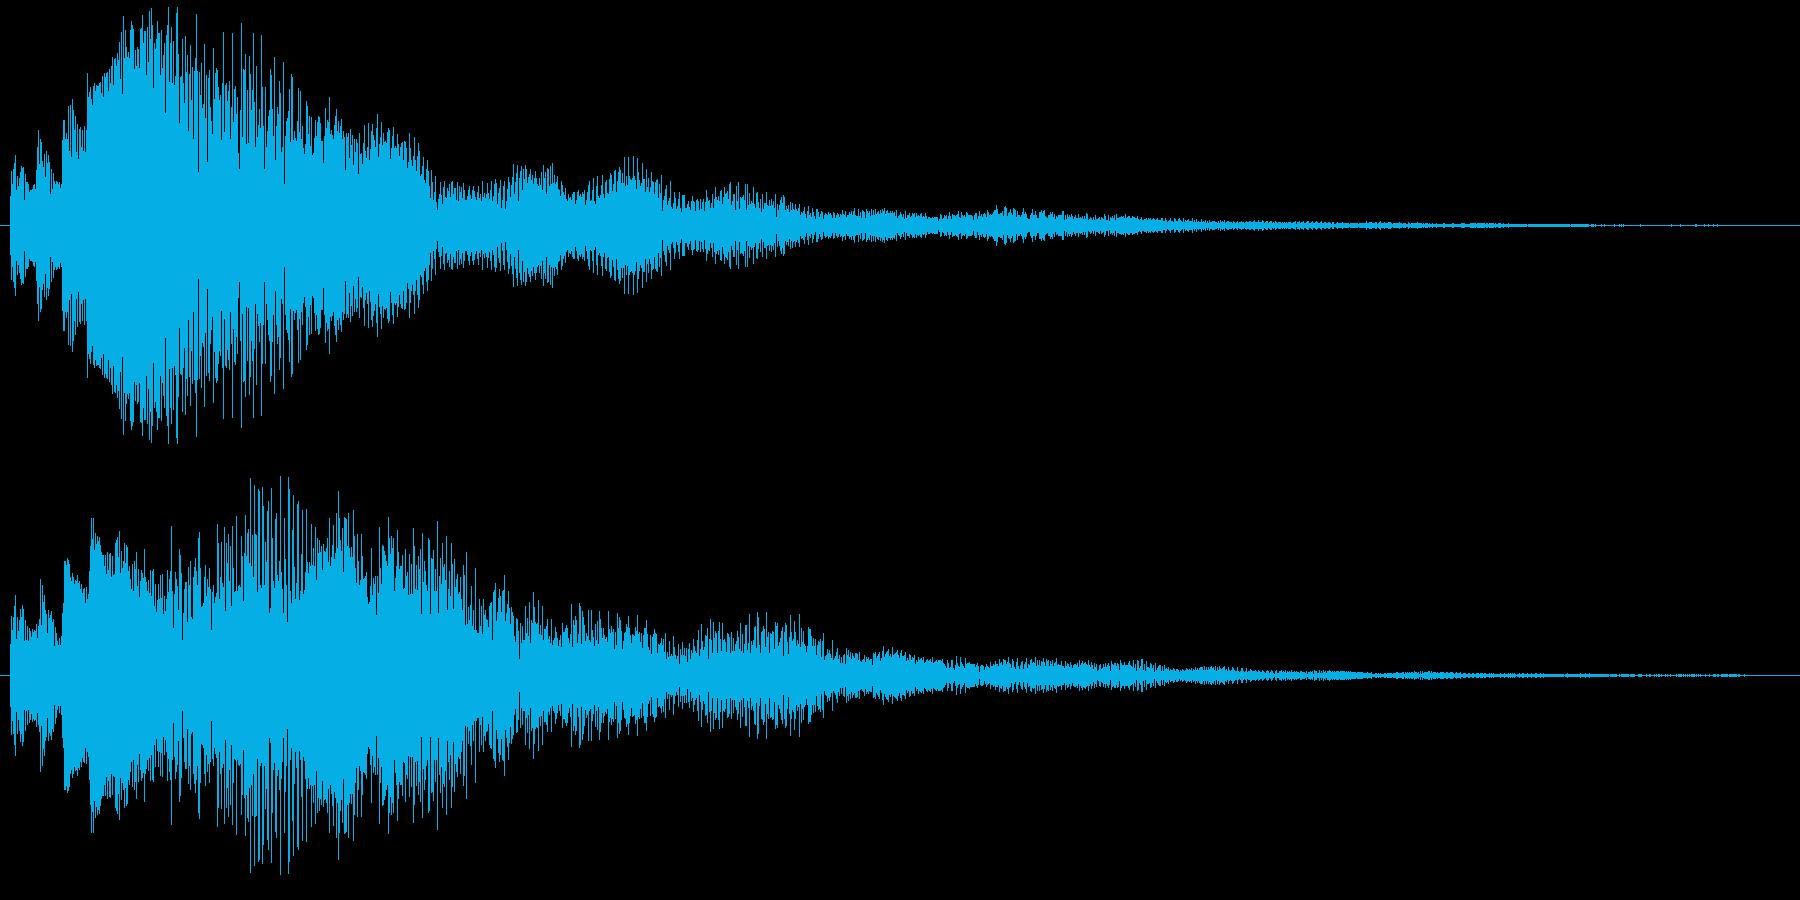 決定/ボタン押下音(深い響き)の再生済みの波形